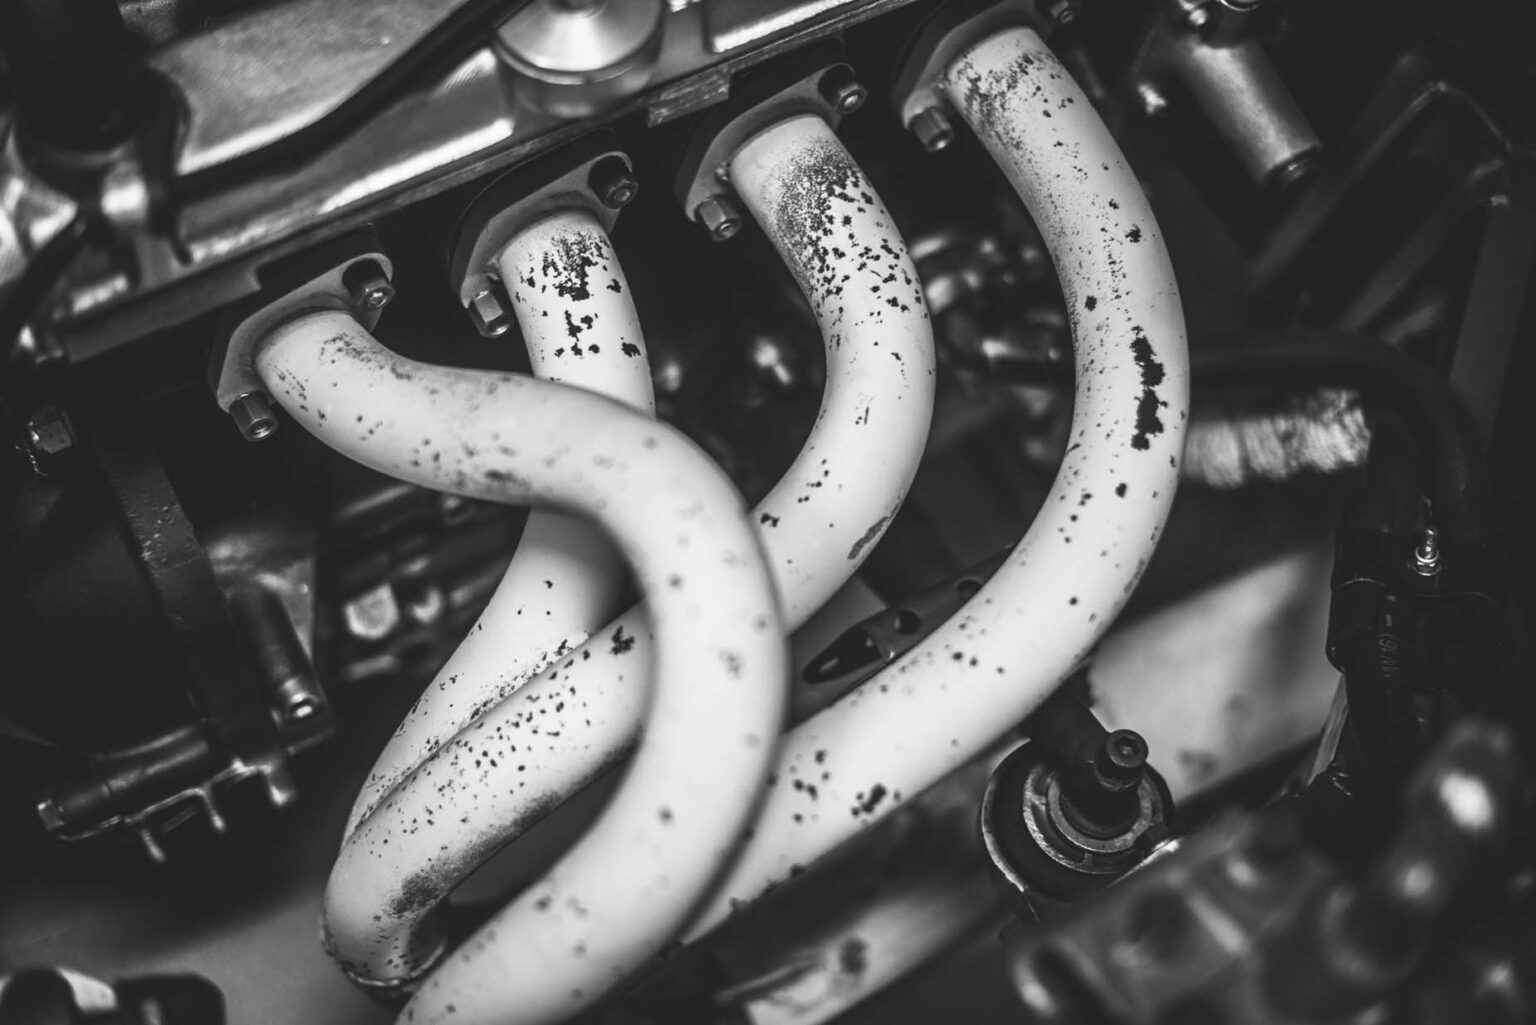 Kauf von klassischen Motorfahrzeugen,wunschfahrzeug kaufen,sammlerfahrzeug kaufen